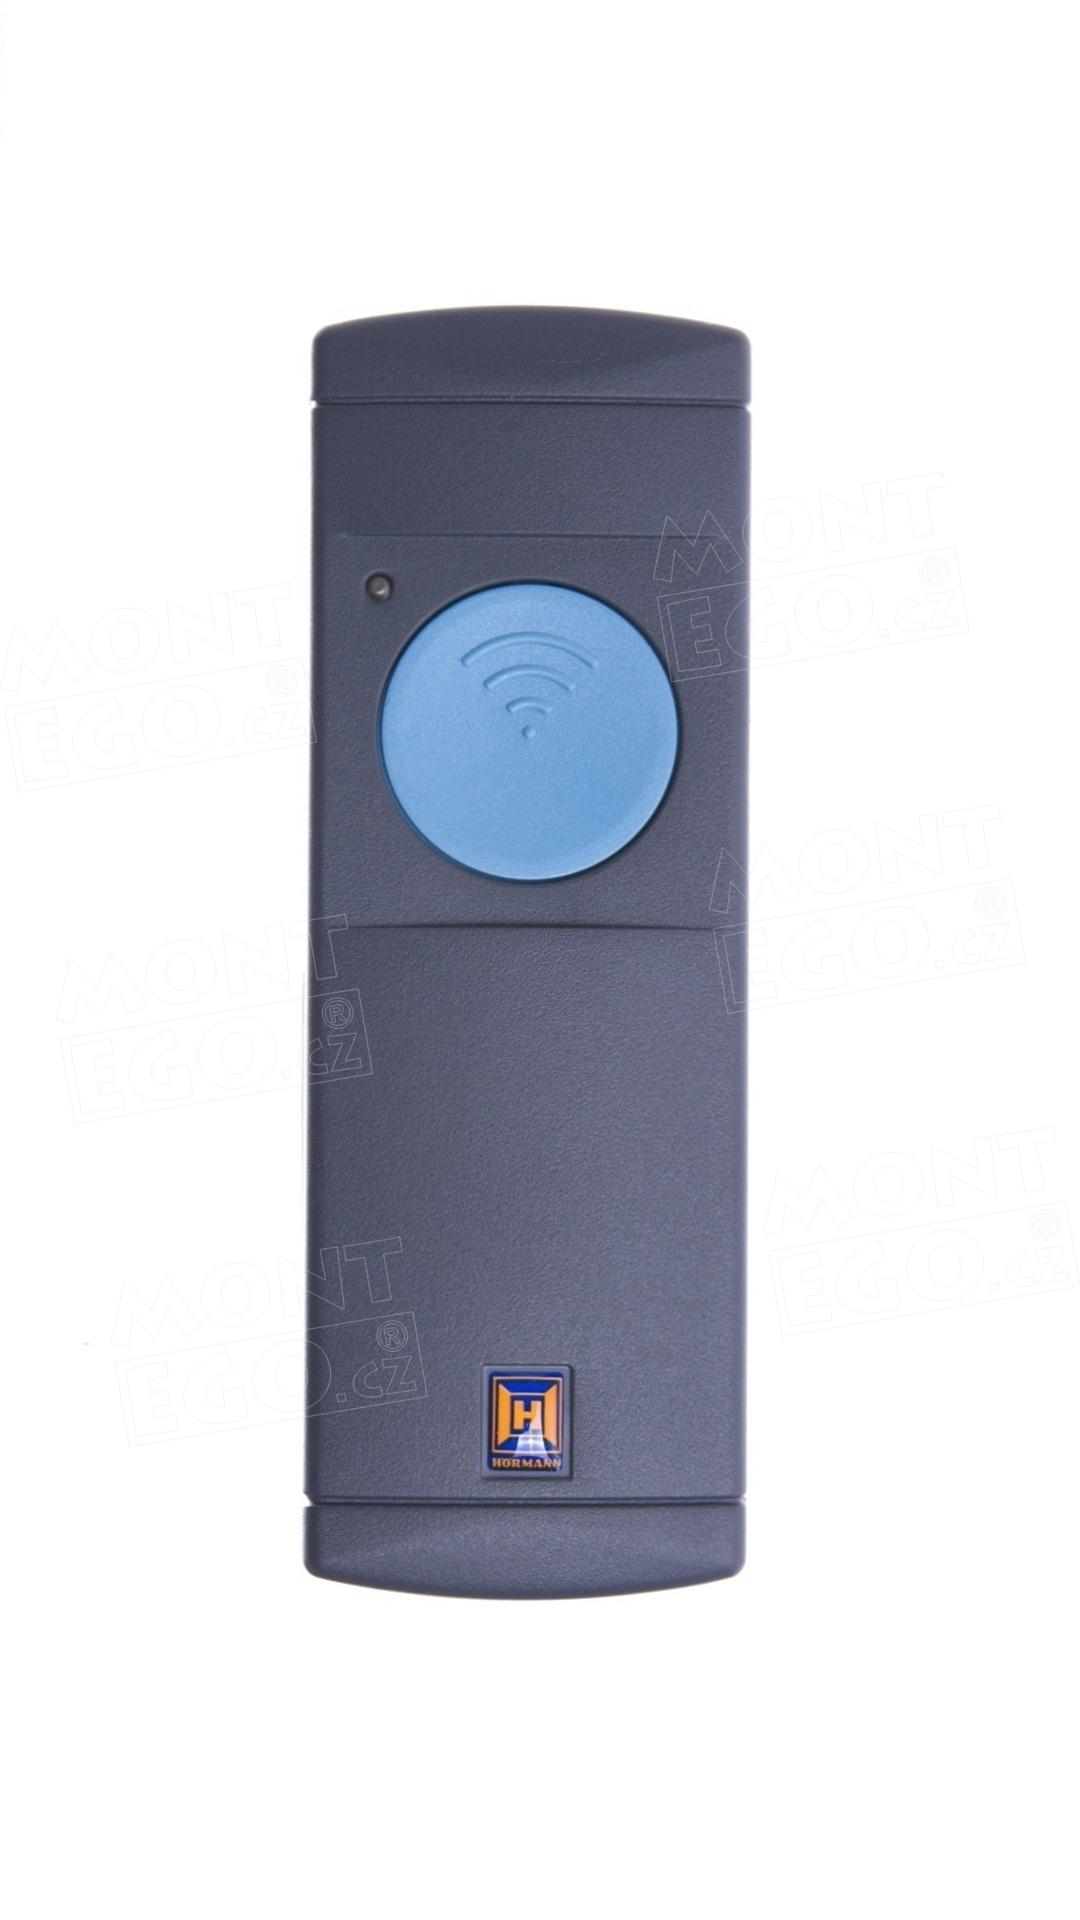 Dálkový ovladač Hörmann HS1, 1 kanálový ovládač, 868,3 MHz